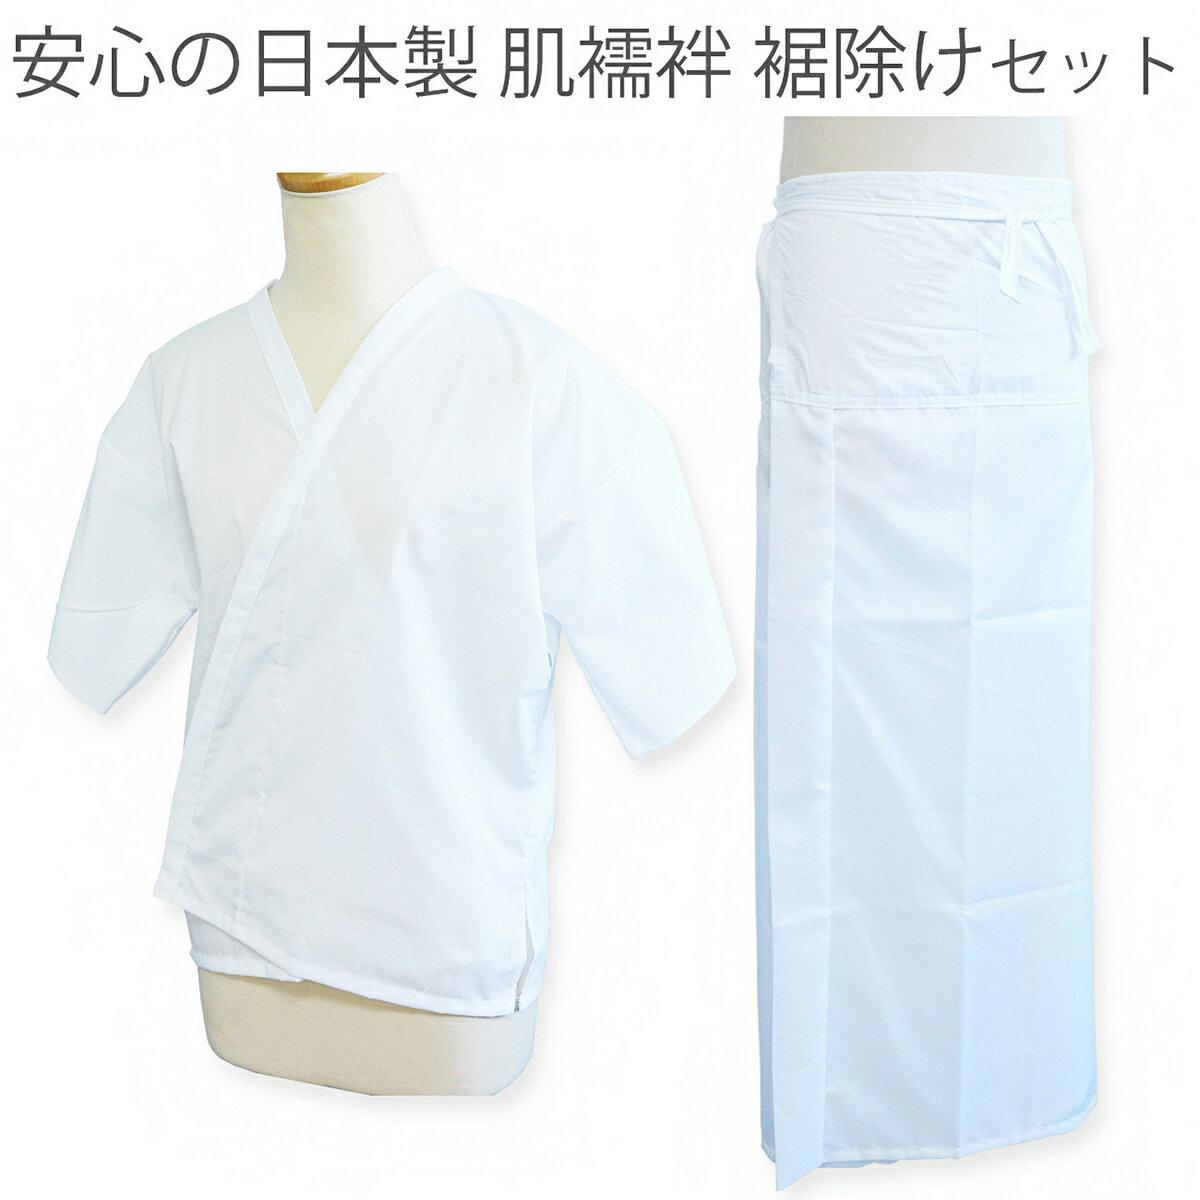 着物下着2点セット 日本製 ガーゼ肌着 裾除け M L 二部式 和装着付けセット きもの下着 汗取り ランジェリー